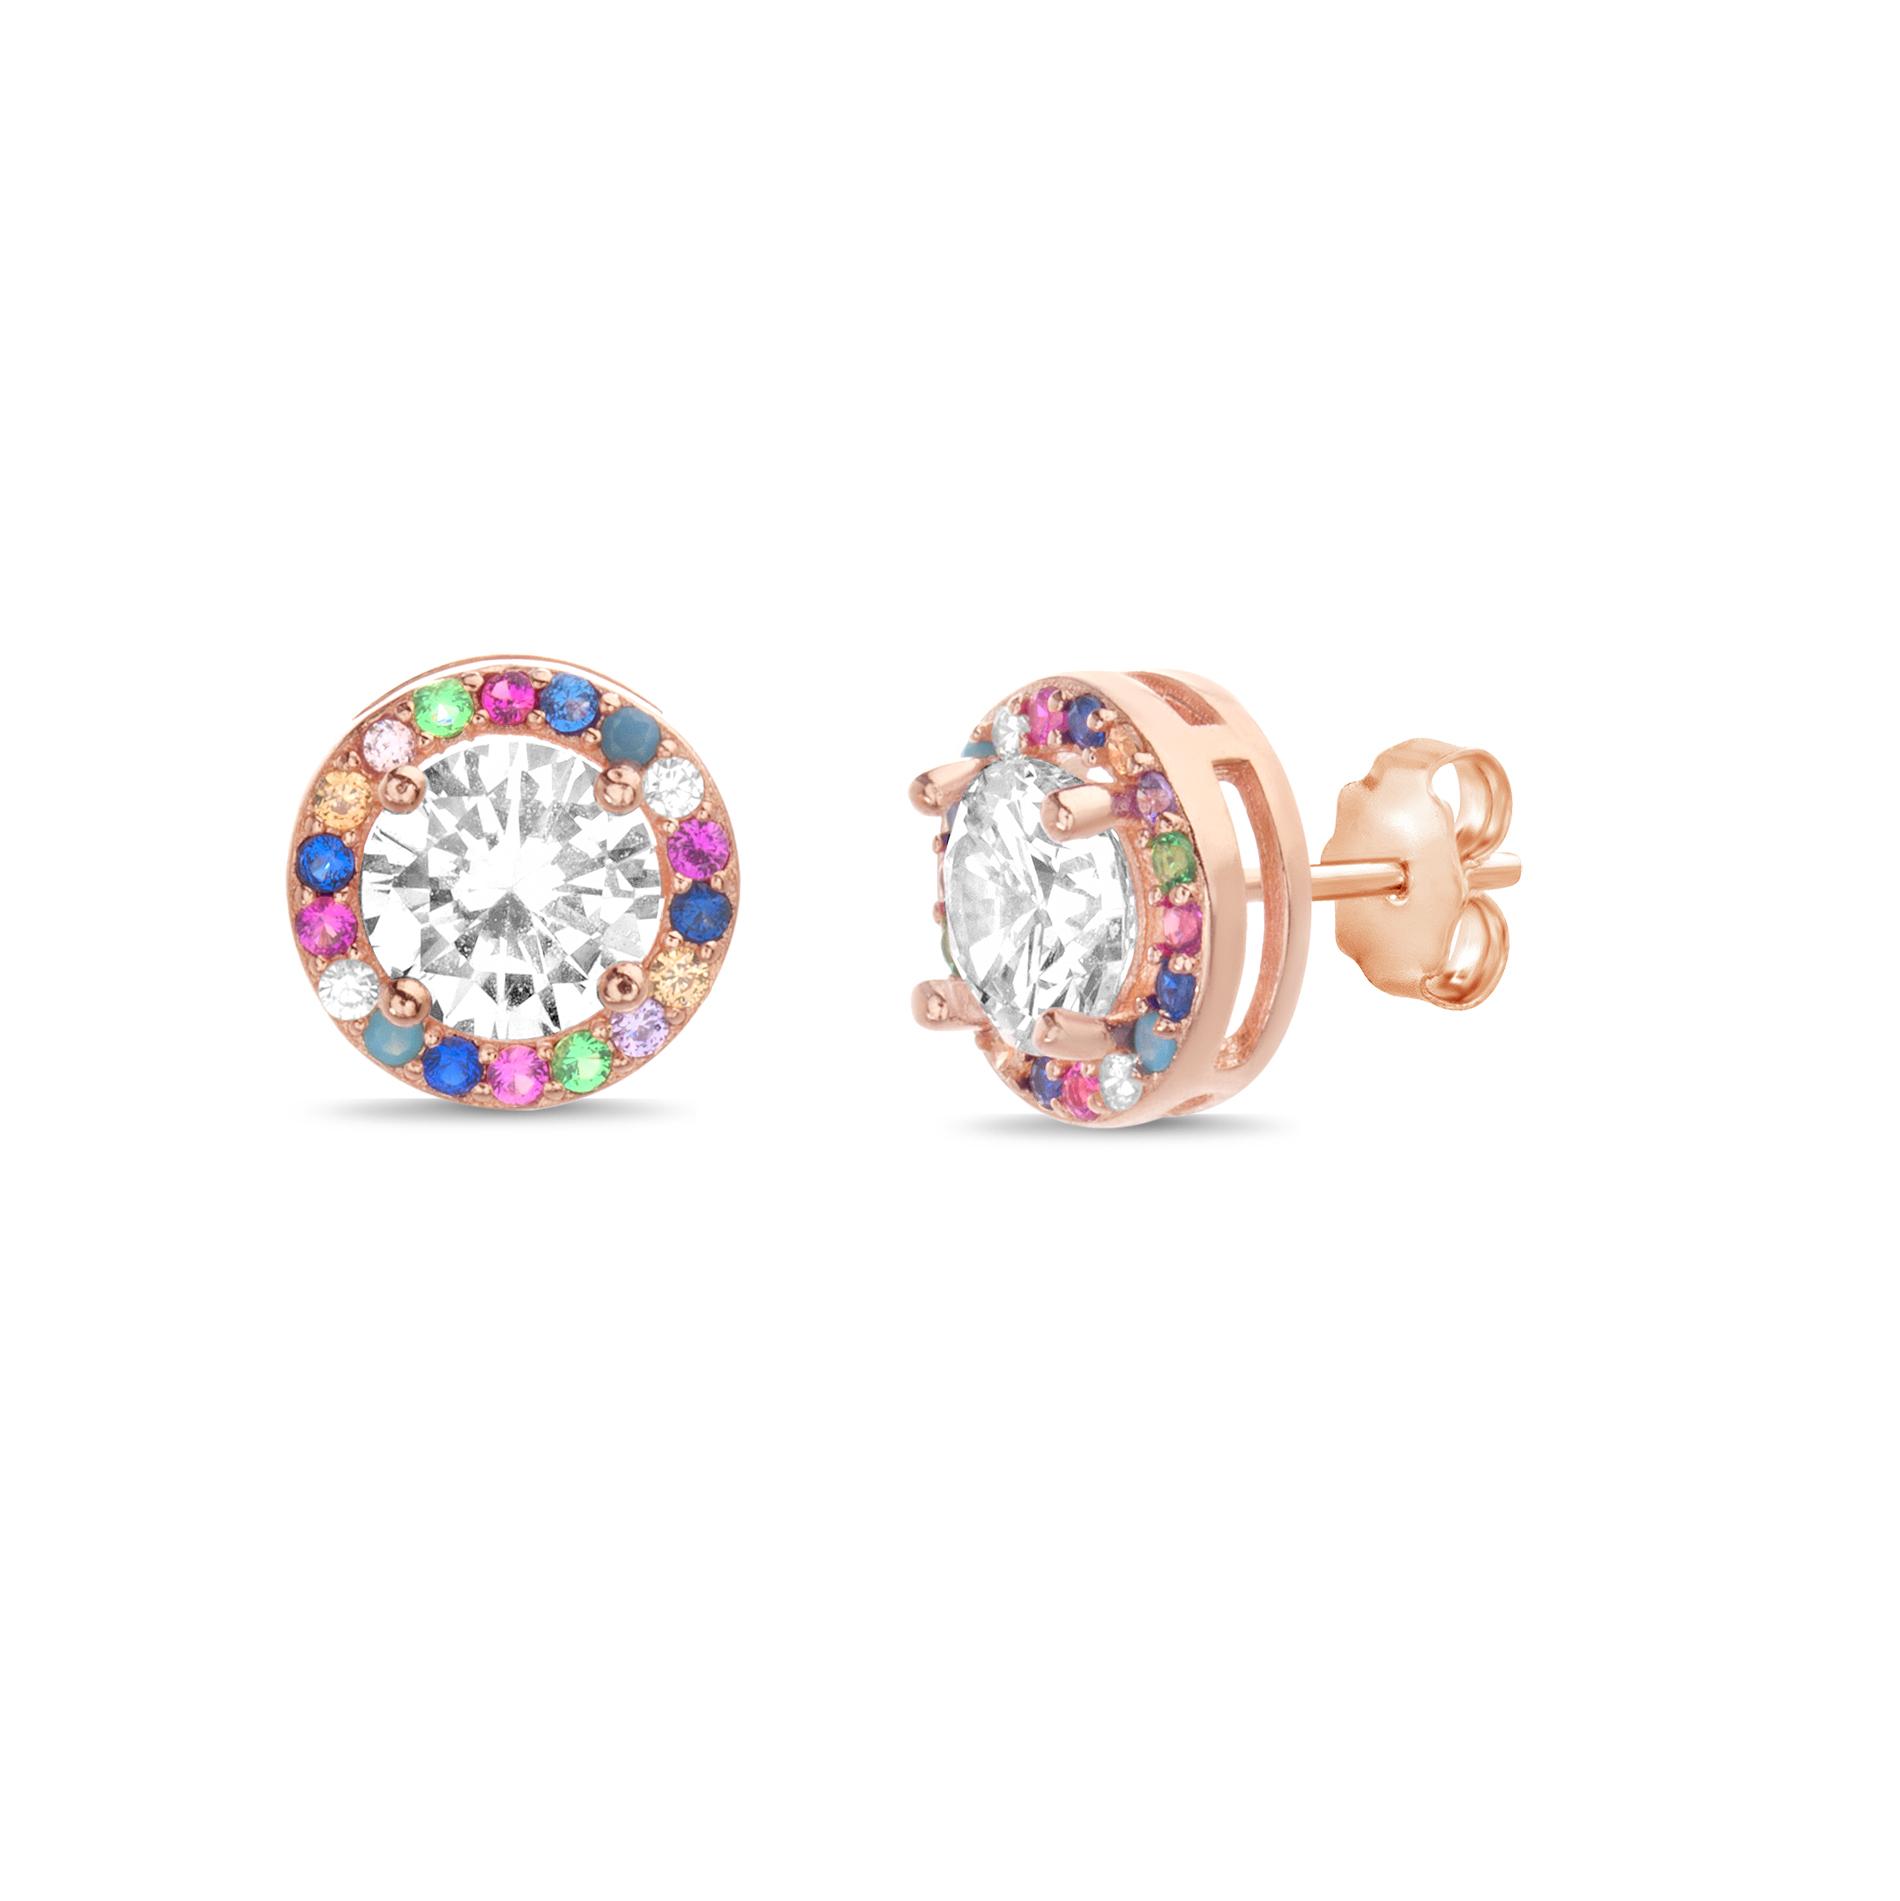 Par aros rosados piedra central blanca y multicolor alrededor